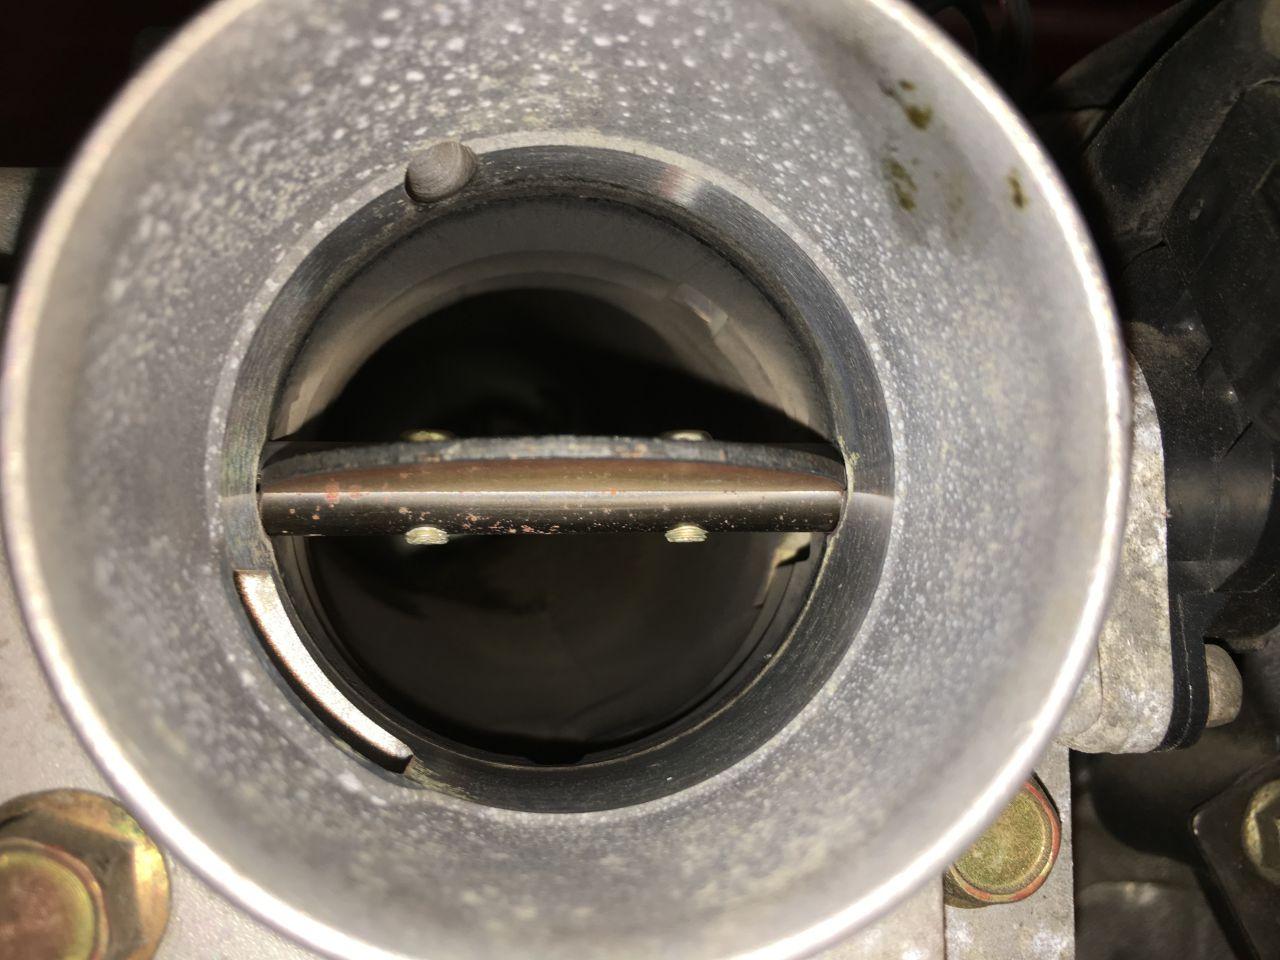 スロットルバルブ清掃とエアクリーナーのメンテナンス